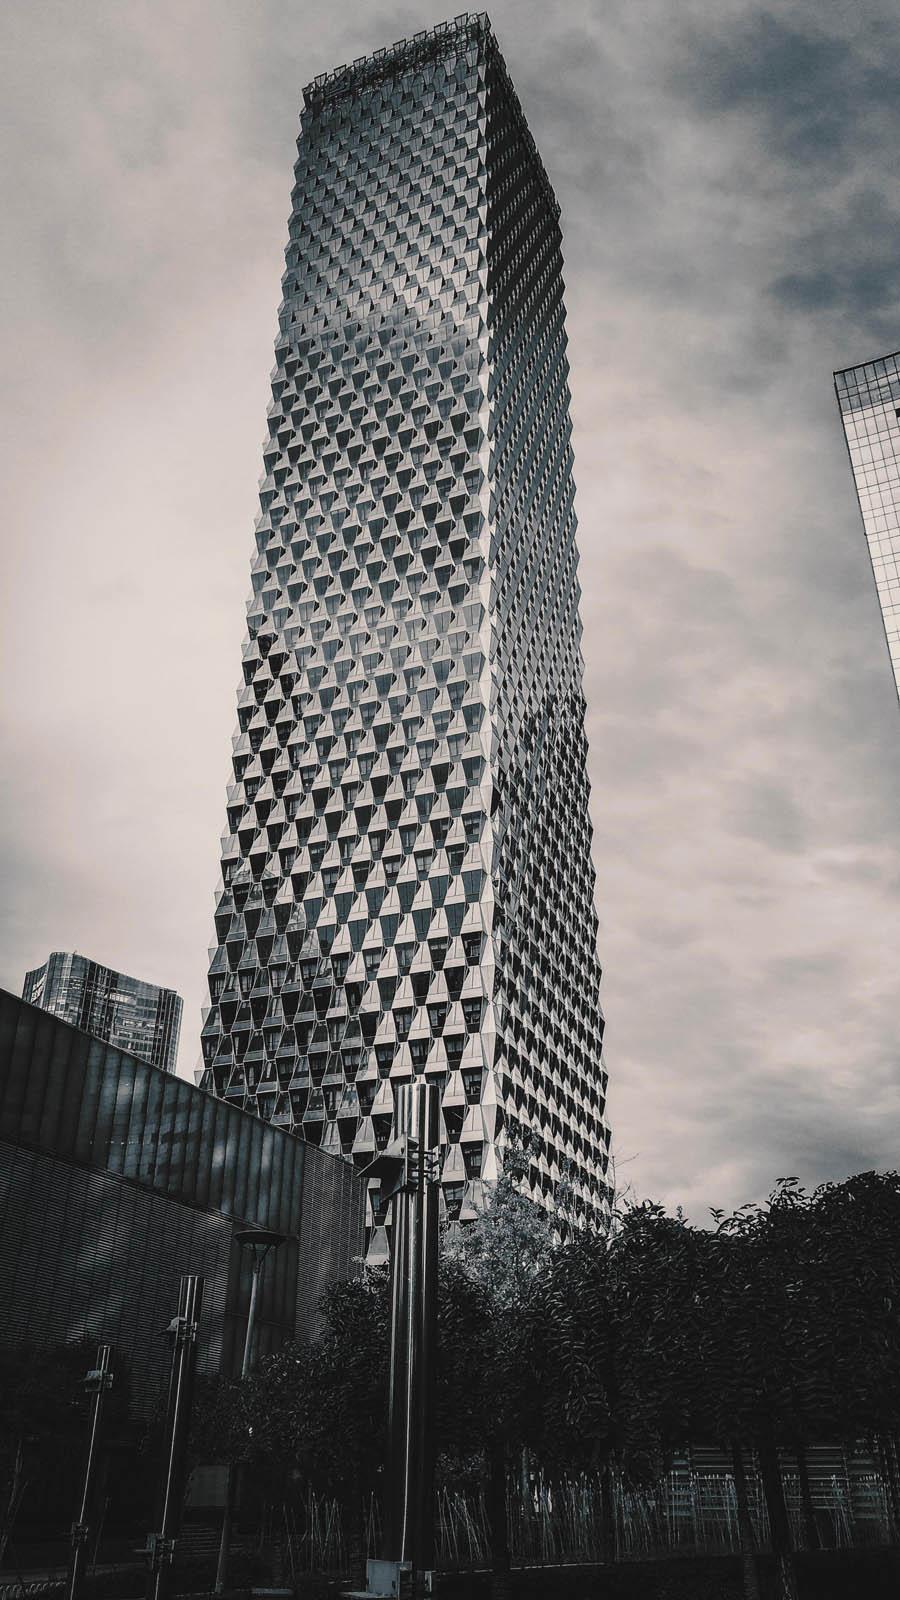 立体建筑:用PS制作3D立柱风格的高楼大厦,PS教程,思缘教程网